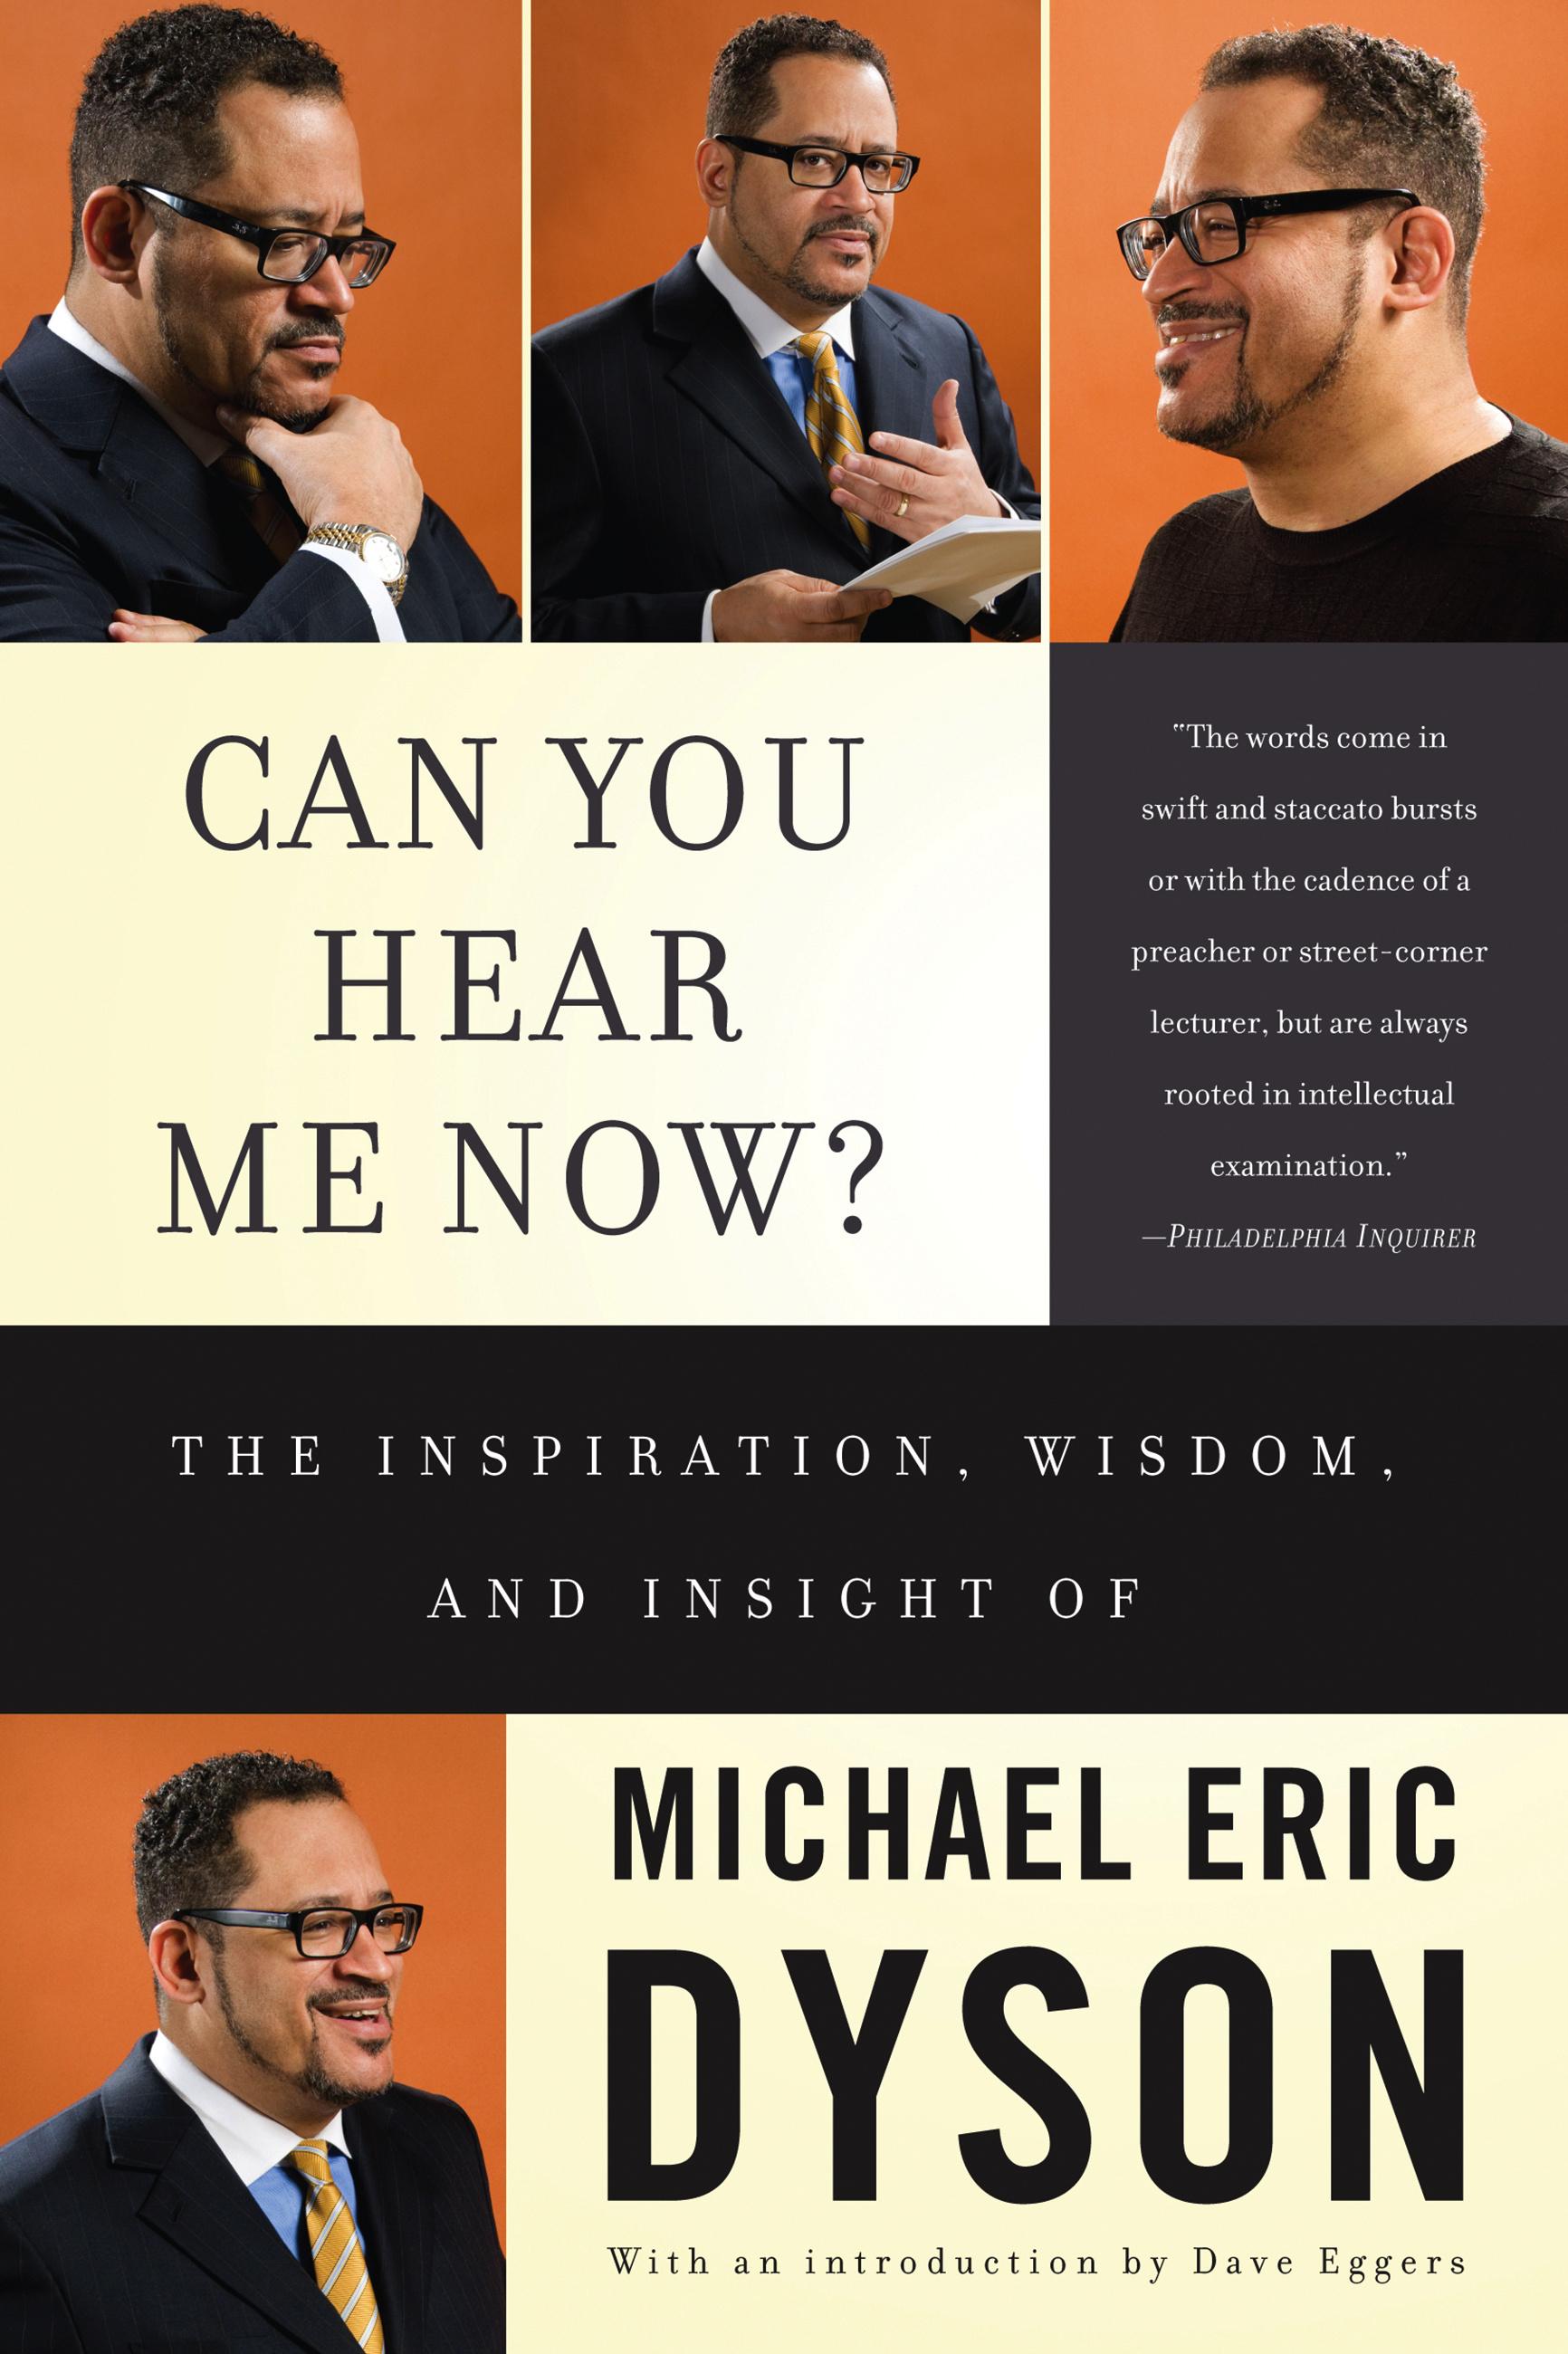 Майкл эрик дайсон гордыня книга скачать купить пылесос дайсон беспроводной недорогой